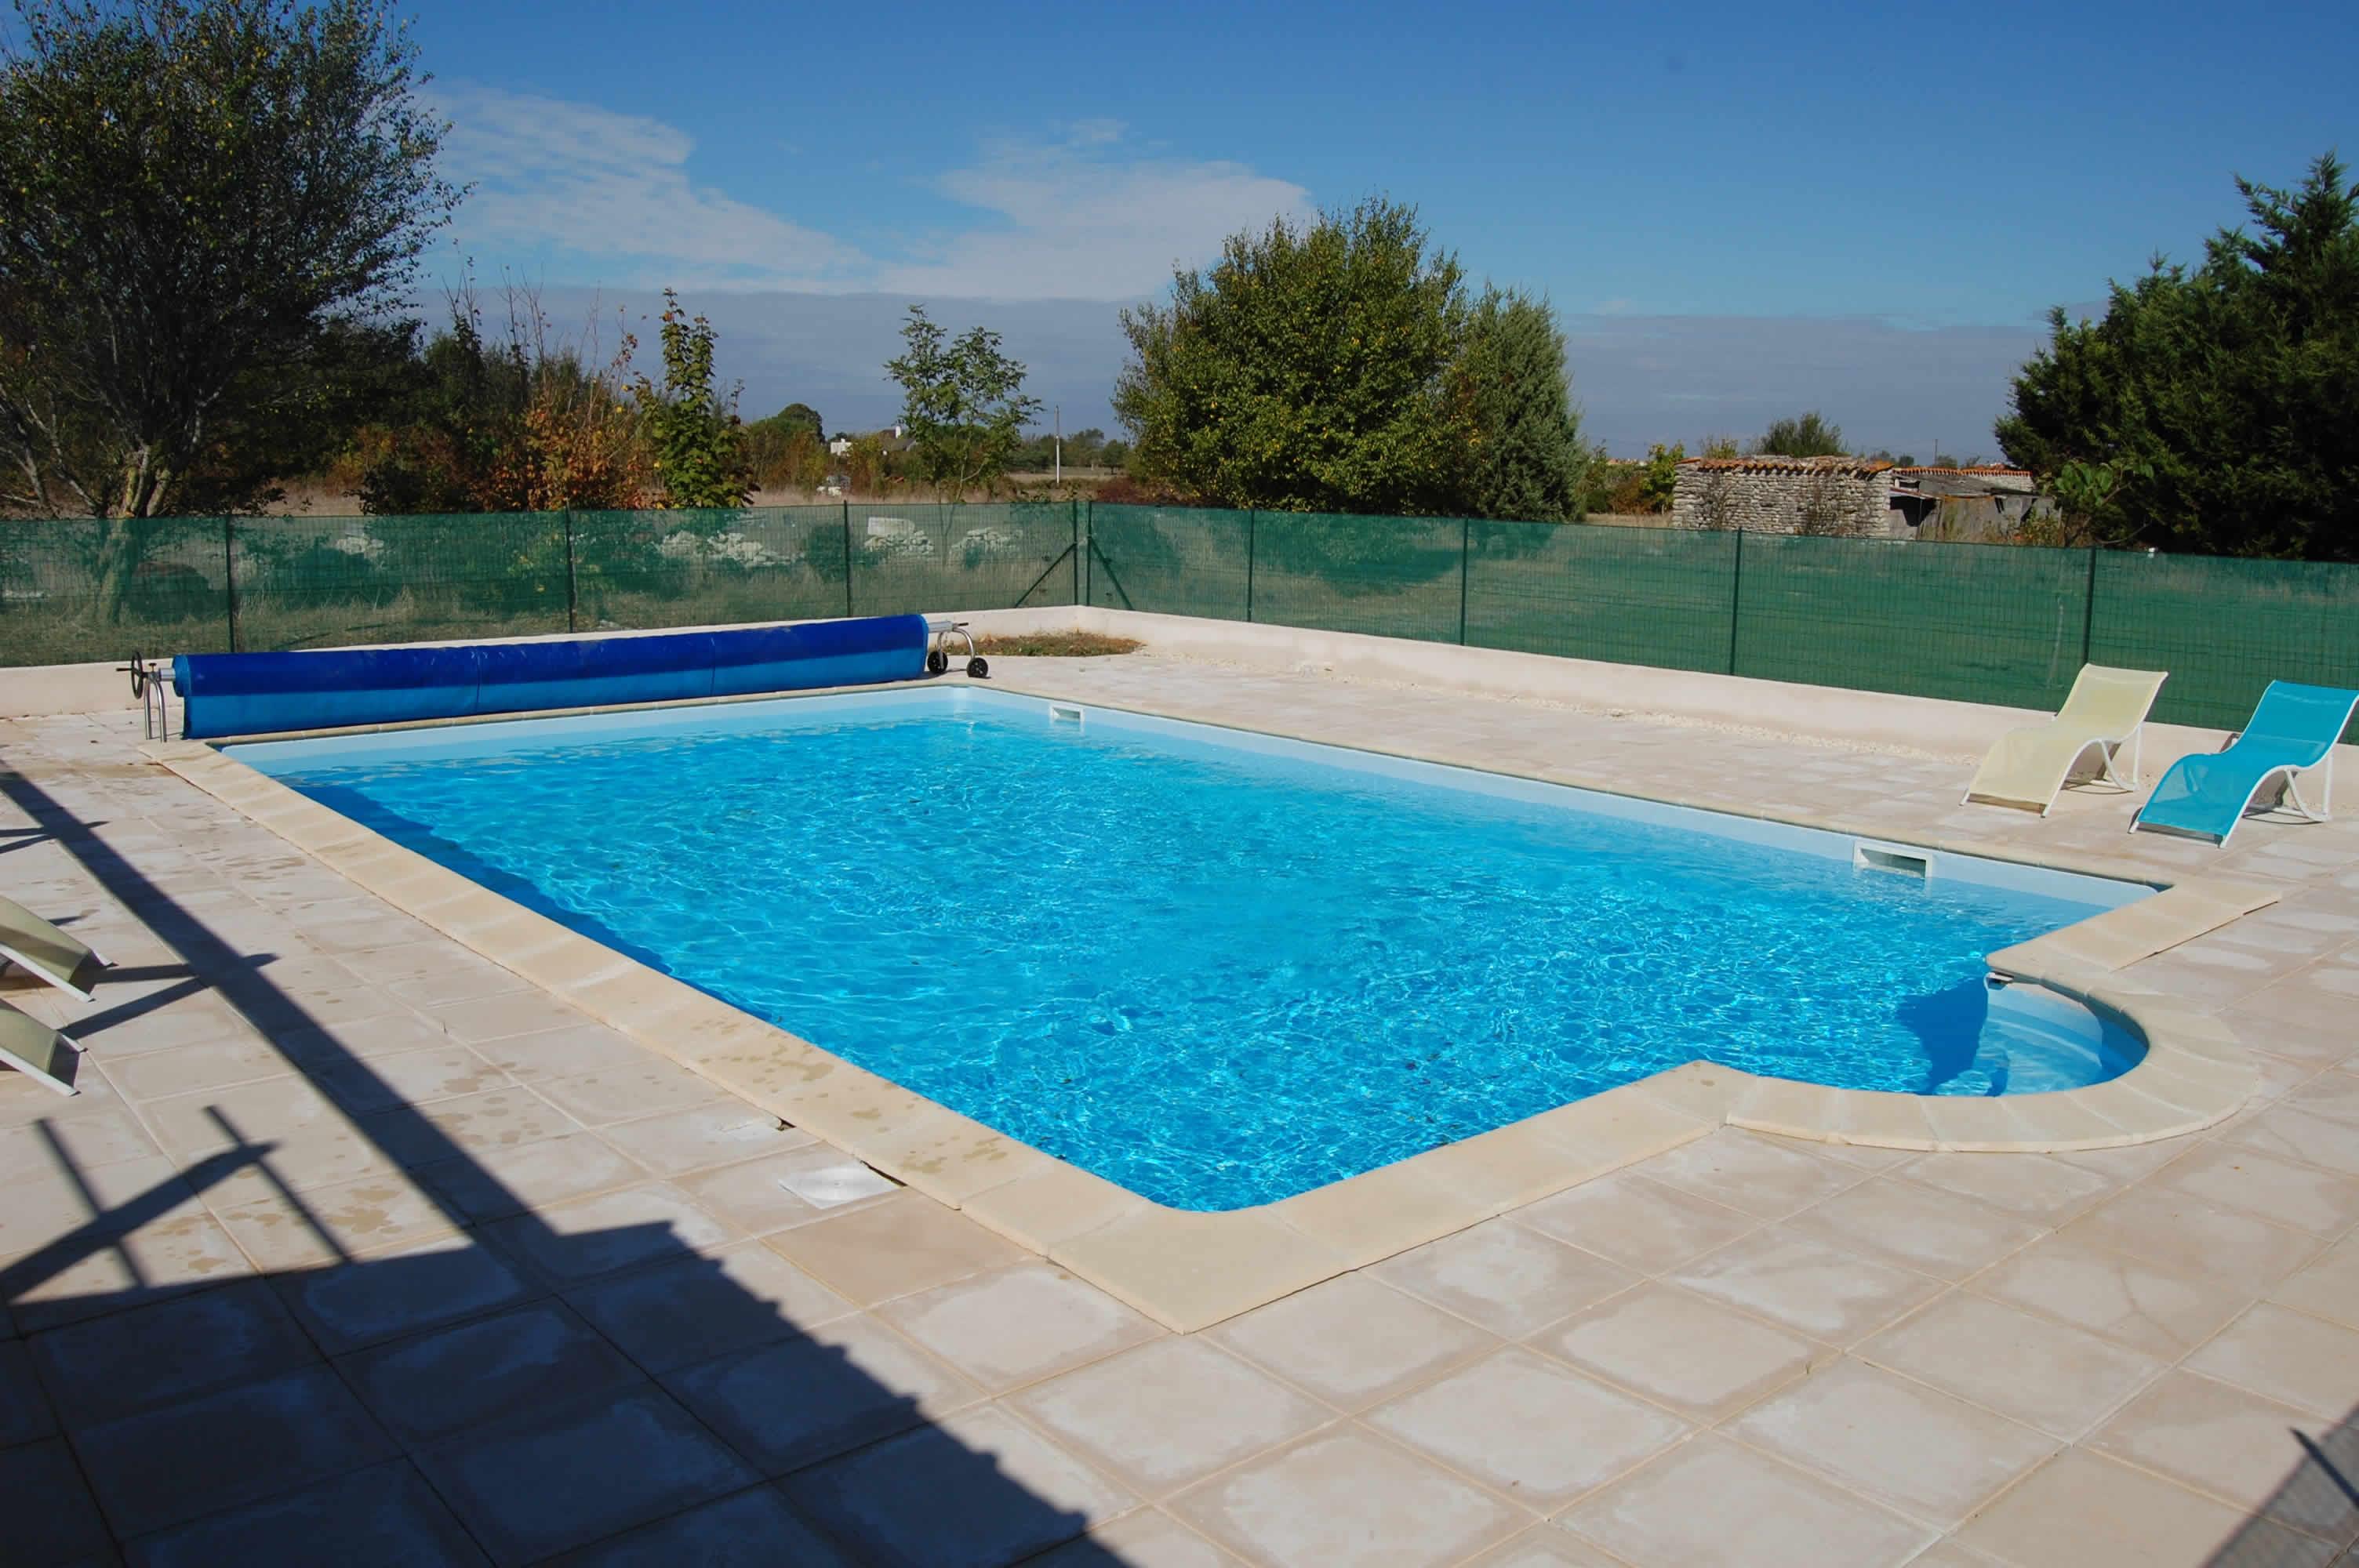 Gite avec piscine chauff e pr s de la rochelle - Piscine pour personne handicapee ...